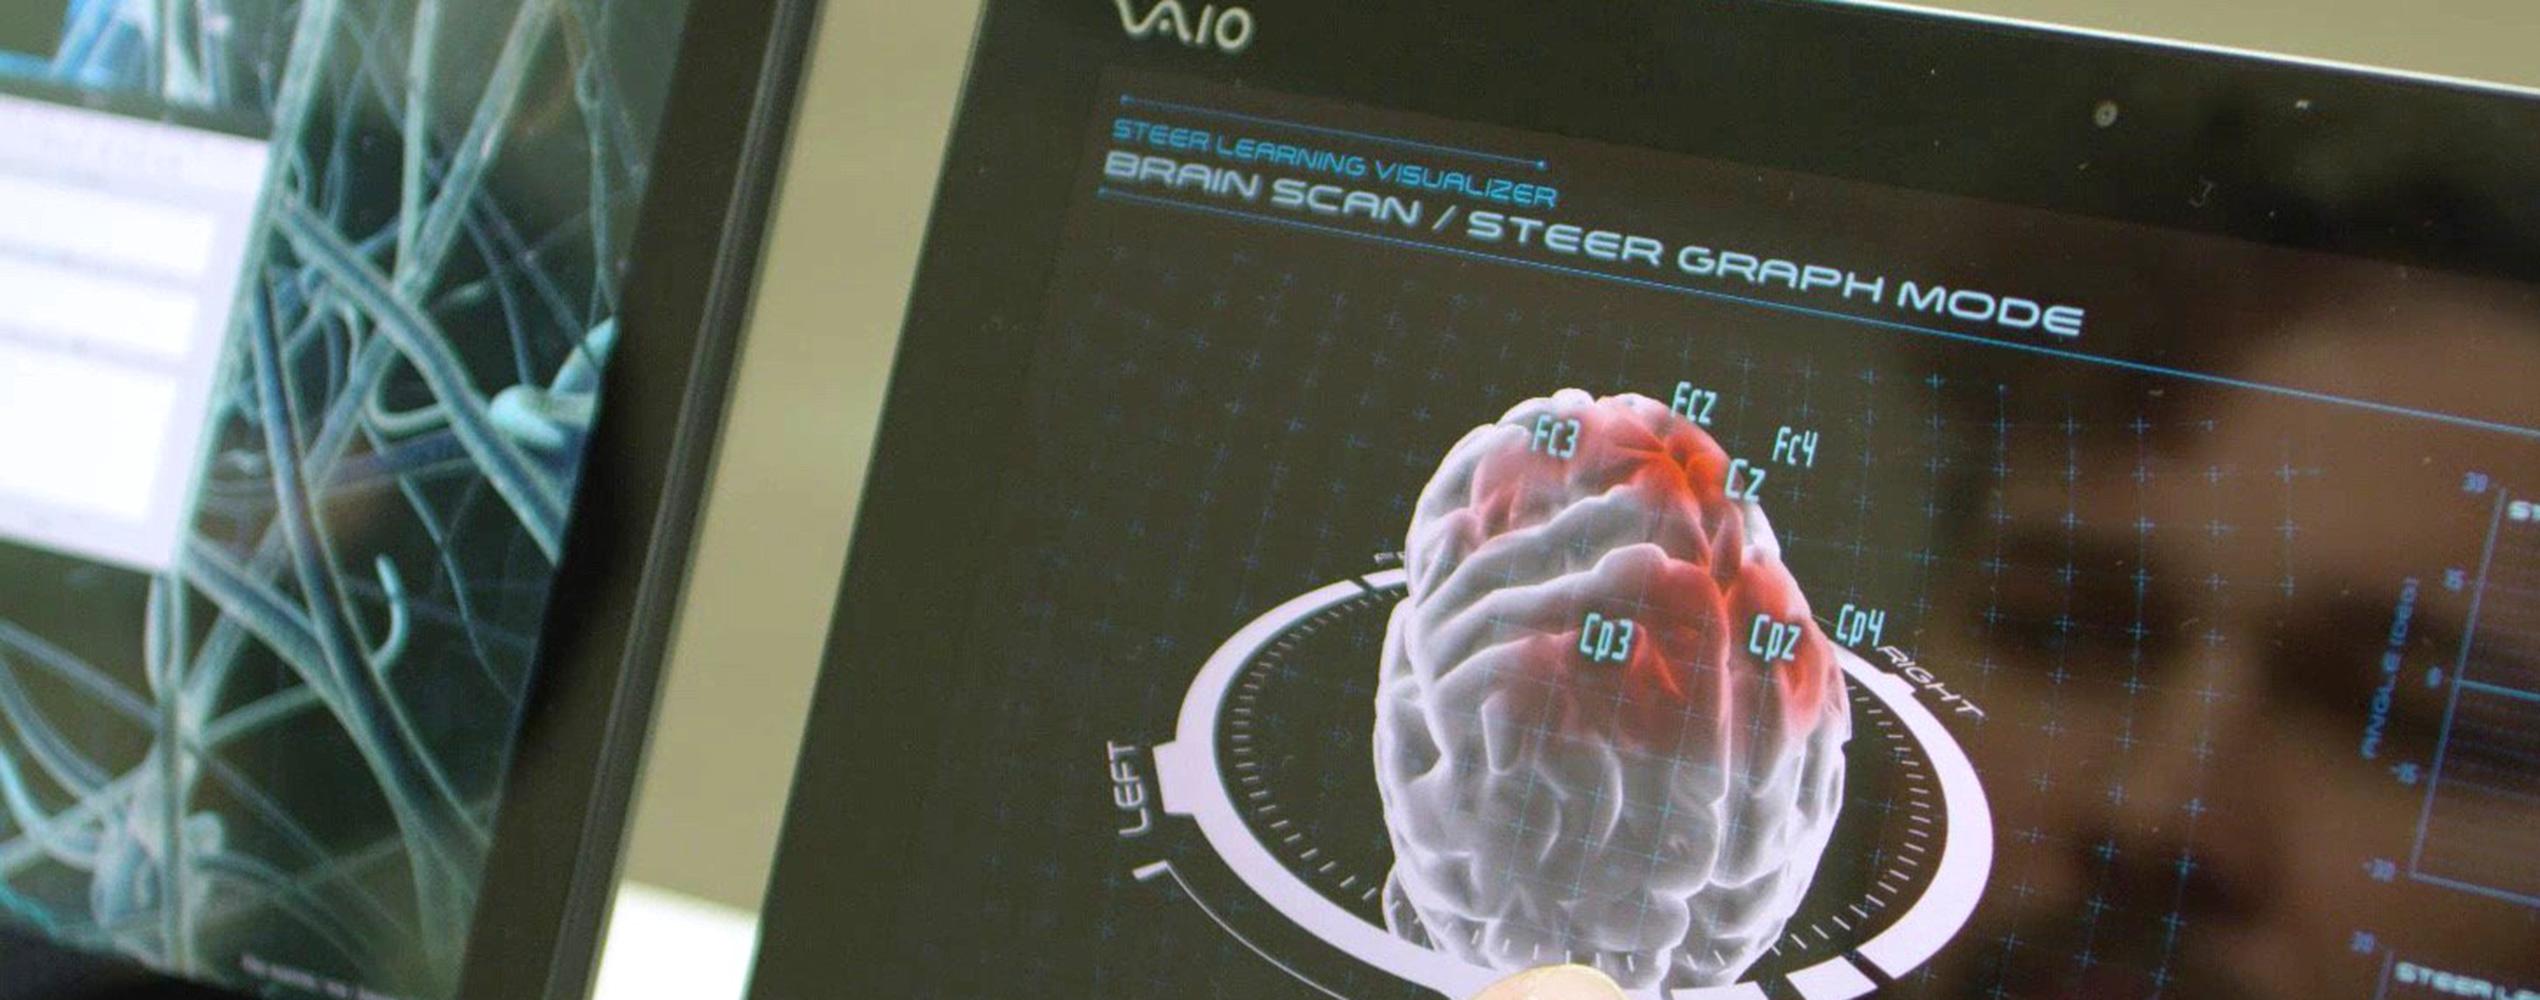 HEADER-Nissan-Pressefoto-426213425_Brain_to_Vehicle_Technologie-2540x1000